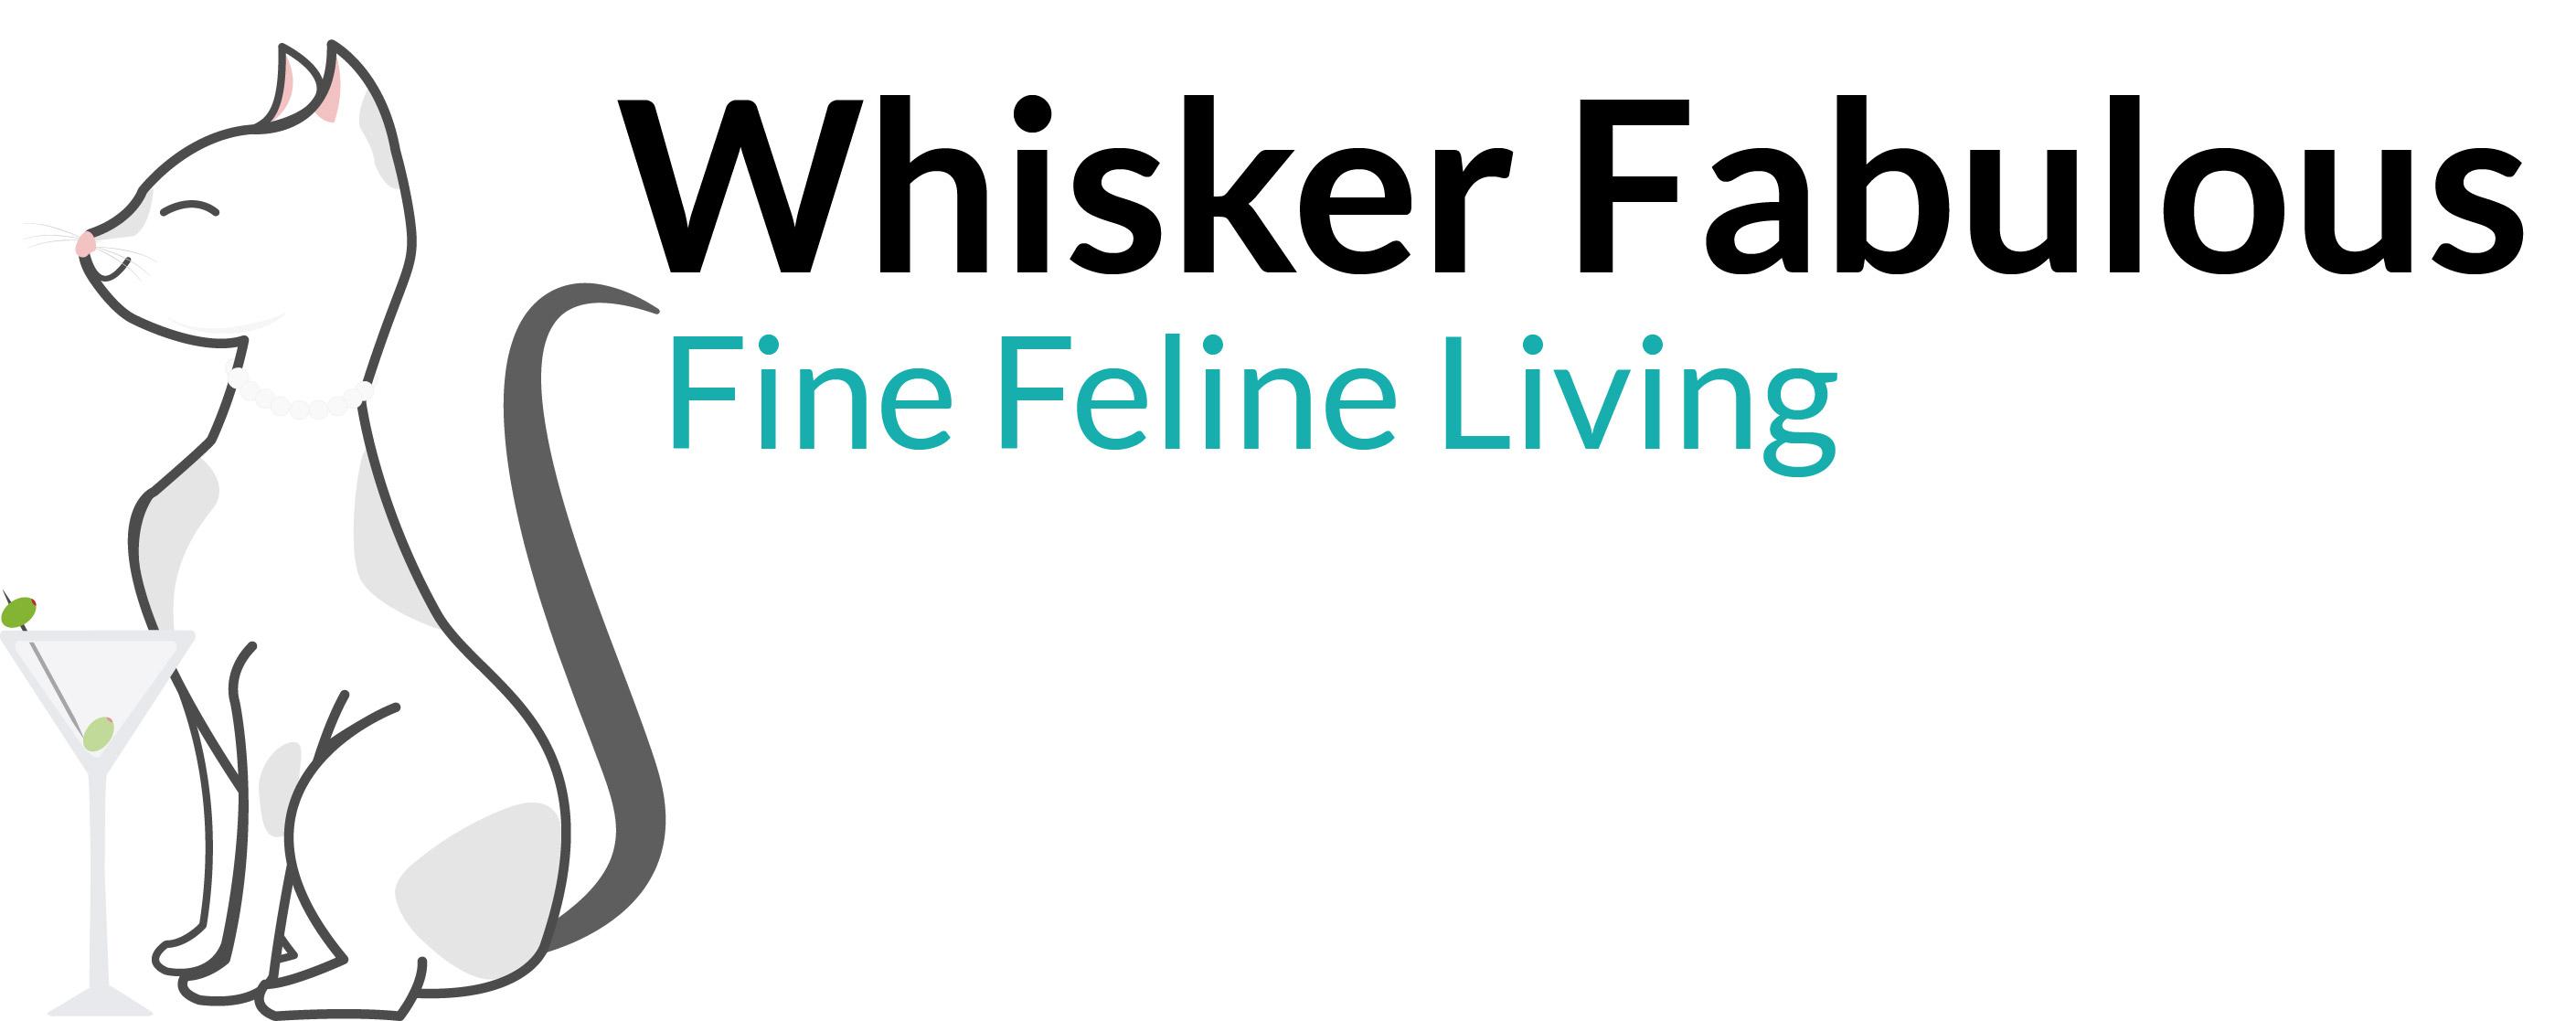 Whisker Fabulous